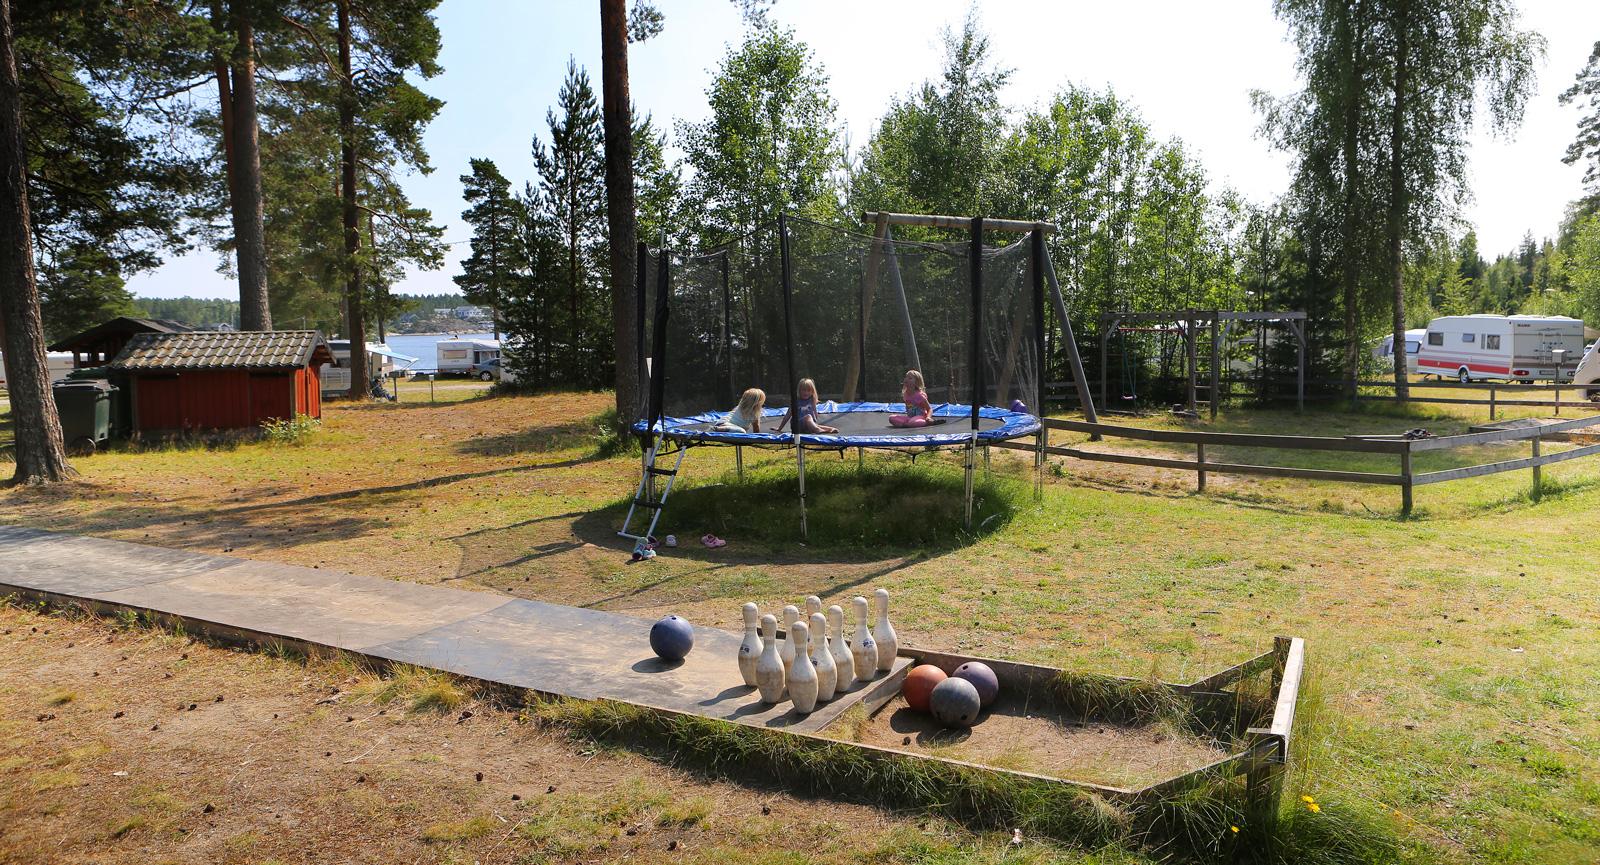 Utebowling, studsmatta, sandlåda och gungställning finns för barnen.